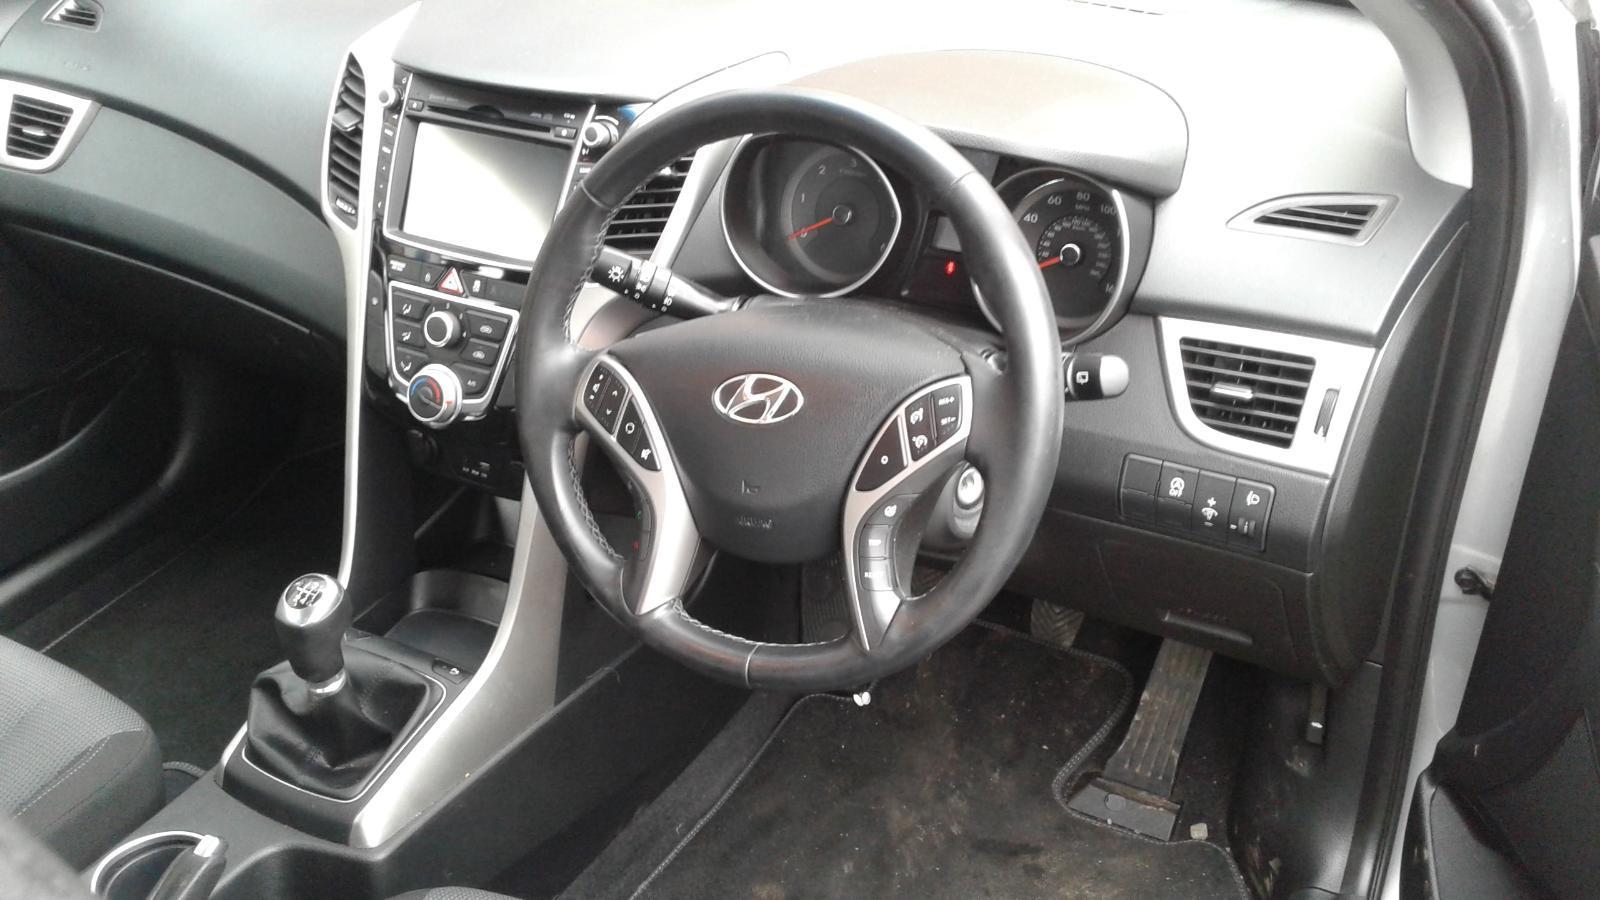 2017 Hyundai I30 SE Nav Image